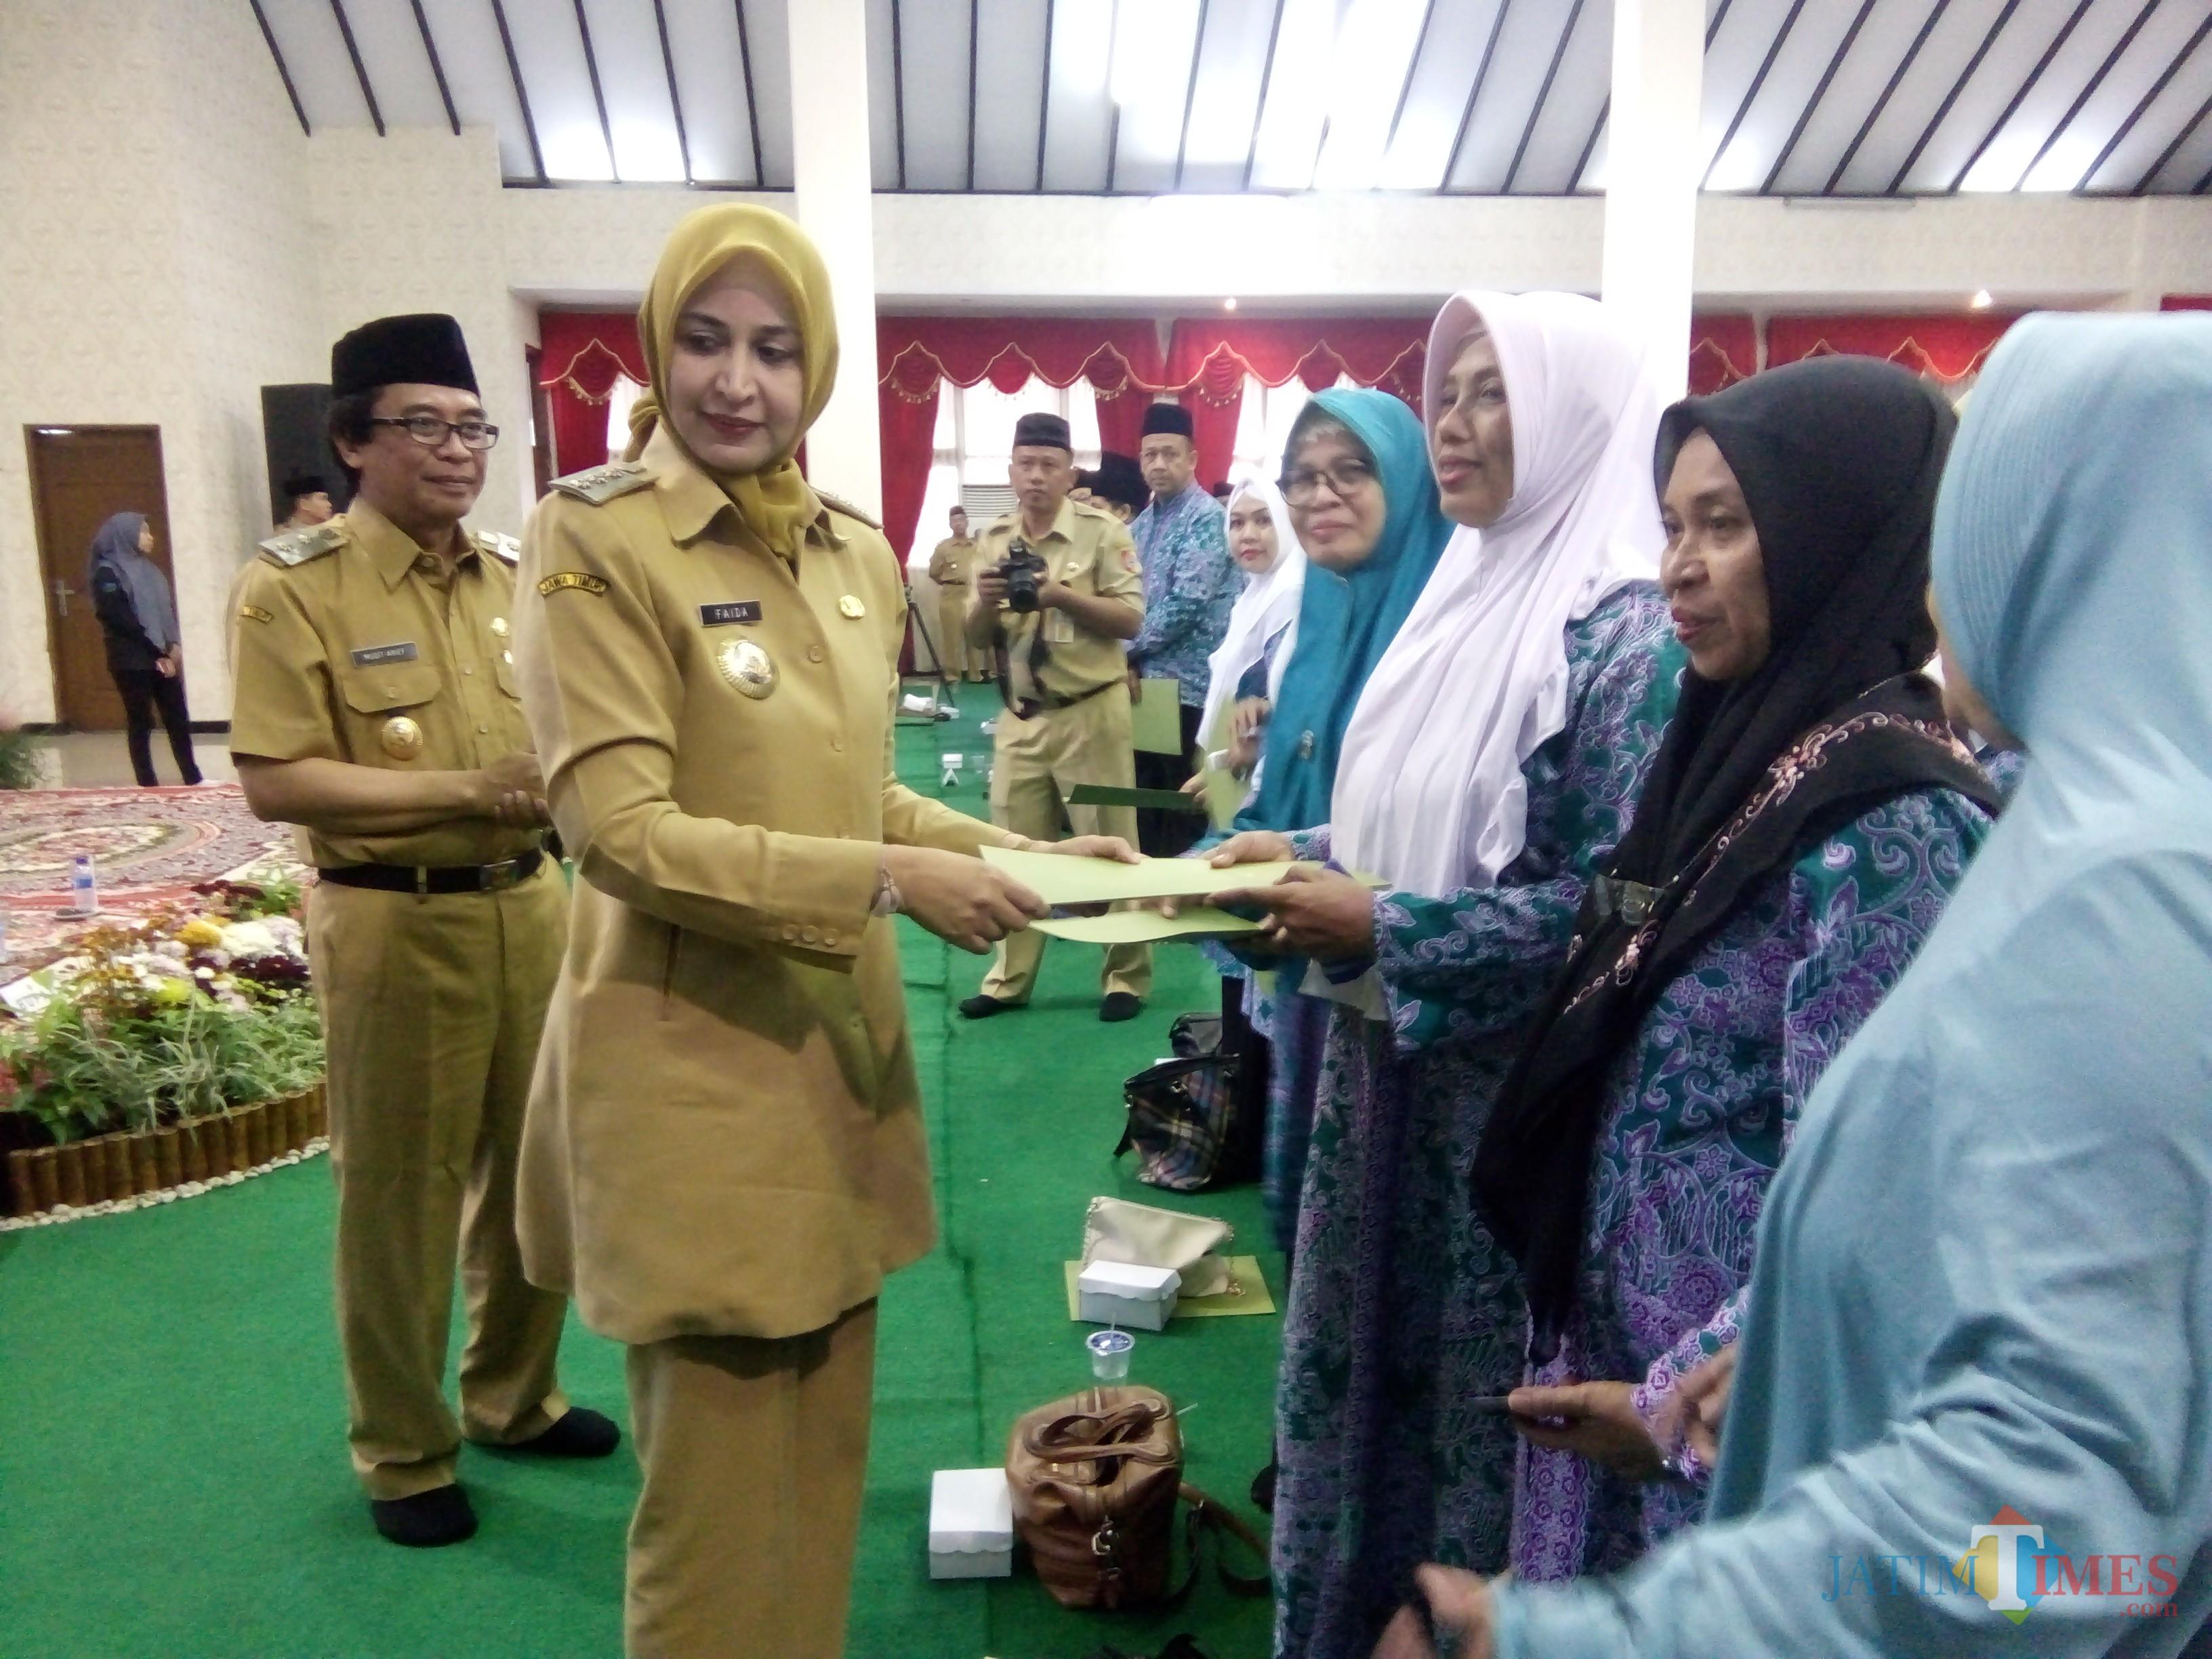 Bupati Jember saat memberikan SK Cuti kepada ASN yang menunaikan ibadah Haji (foto : Moh. Ali Makrus / JatimTIMES)